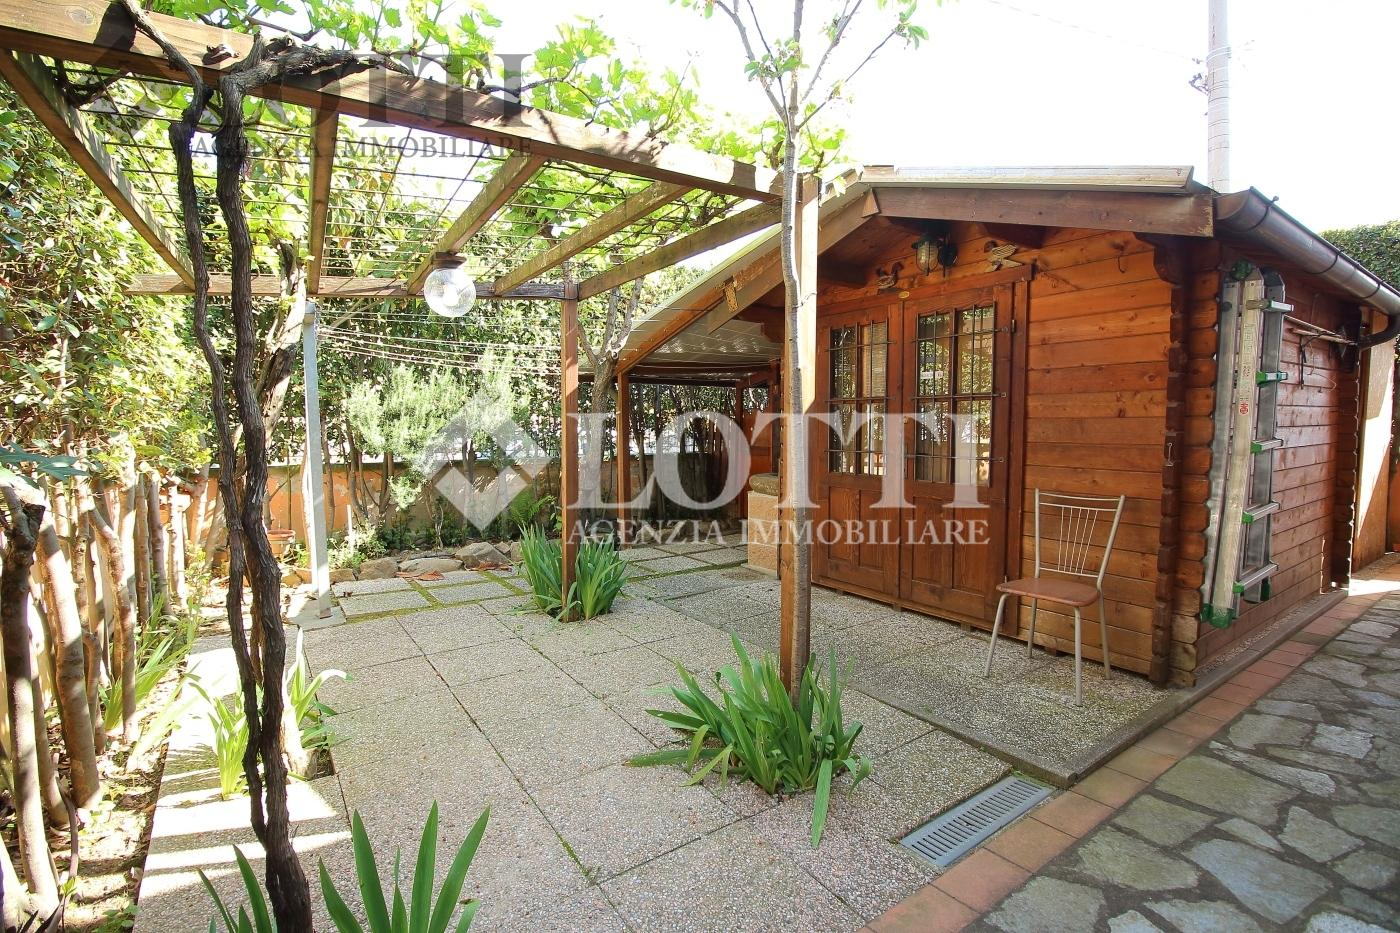 Casa singola in vendita, rif. 538